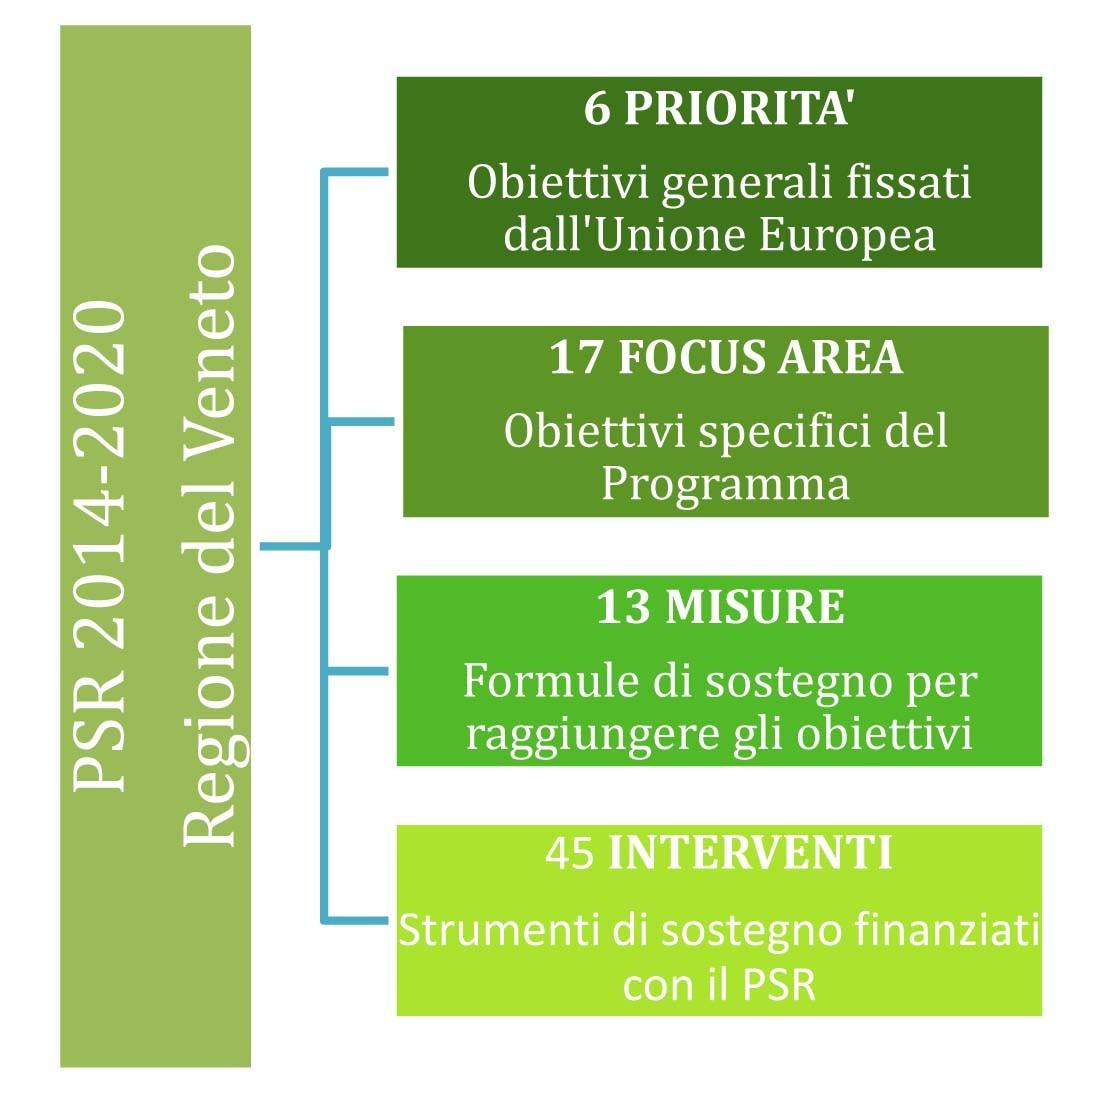 Consorzio di Bonifica Delta del Po Consorzio-di-Bonifica-Delta-del-Po-PSR-Prima-pagina Prima pagina